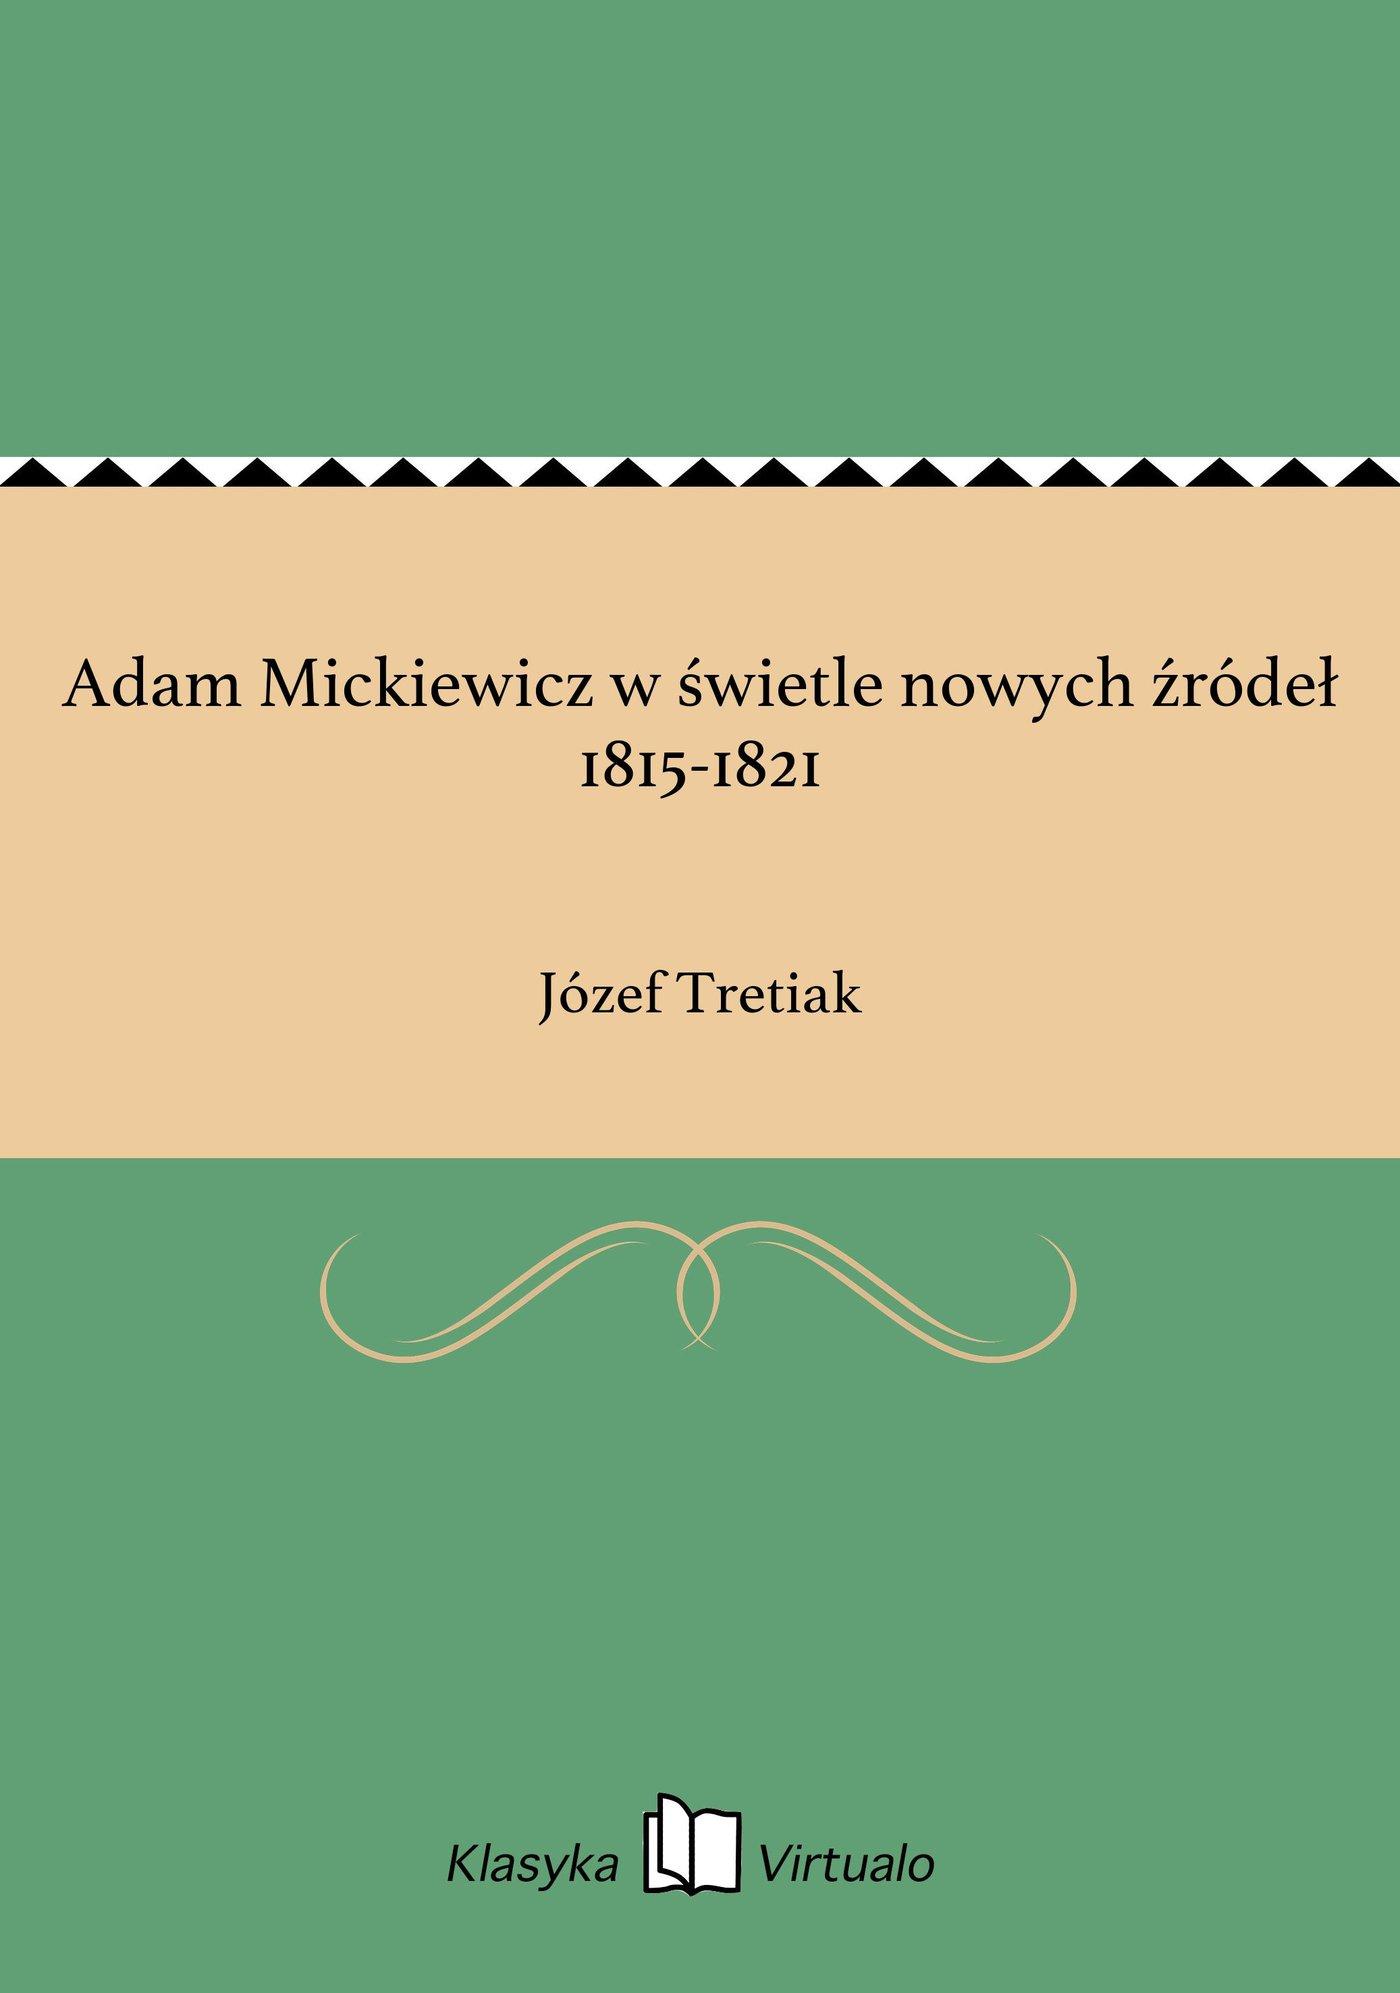 Adam Mickiewicz w świetle nowych źródeł 1815-1821 - Ebook (Książka EPUB) do pobrania w formacie EPUB